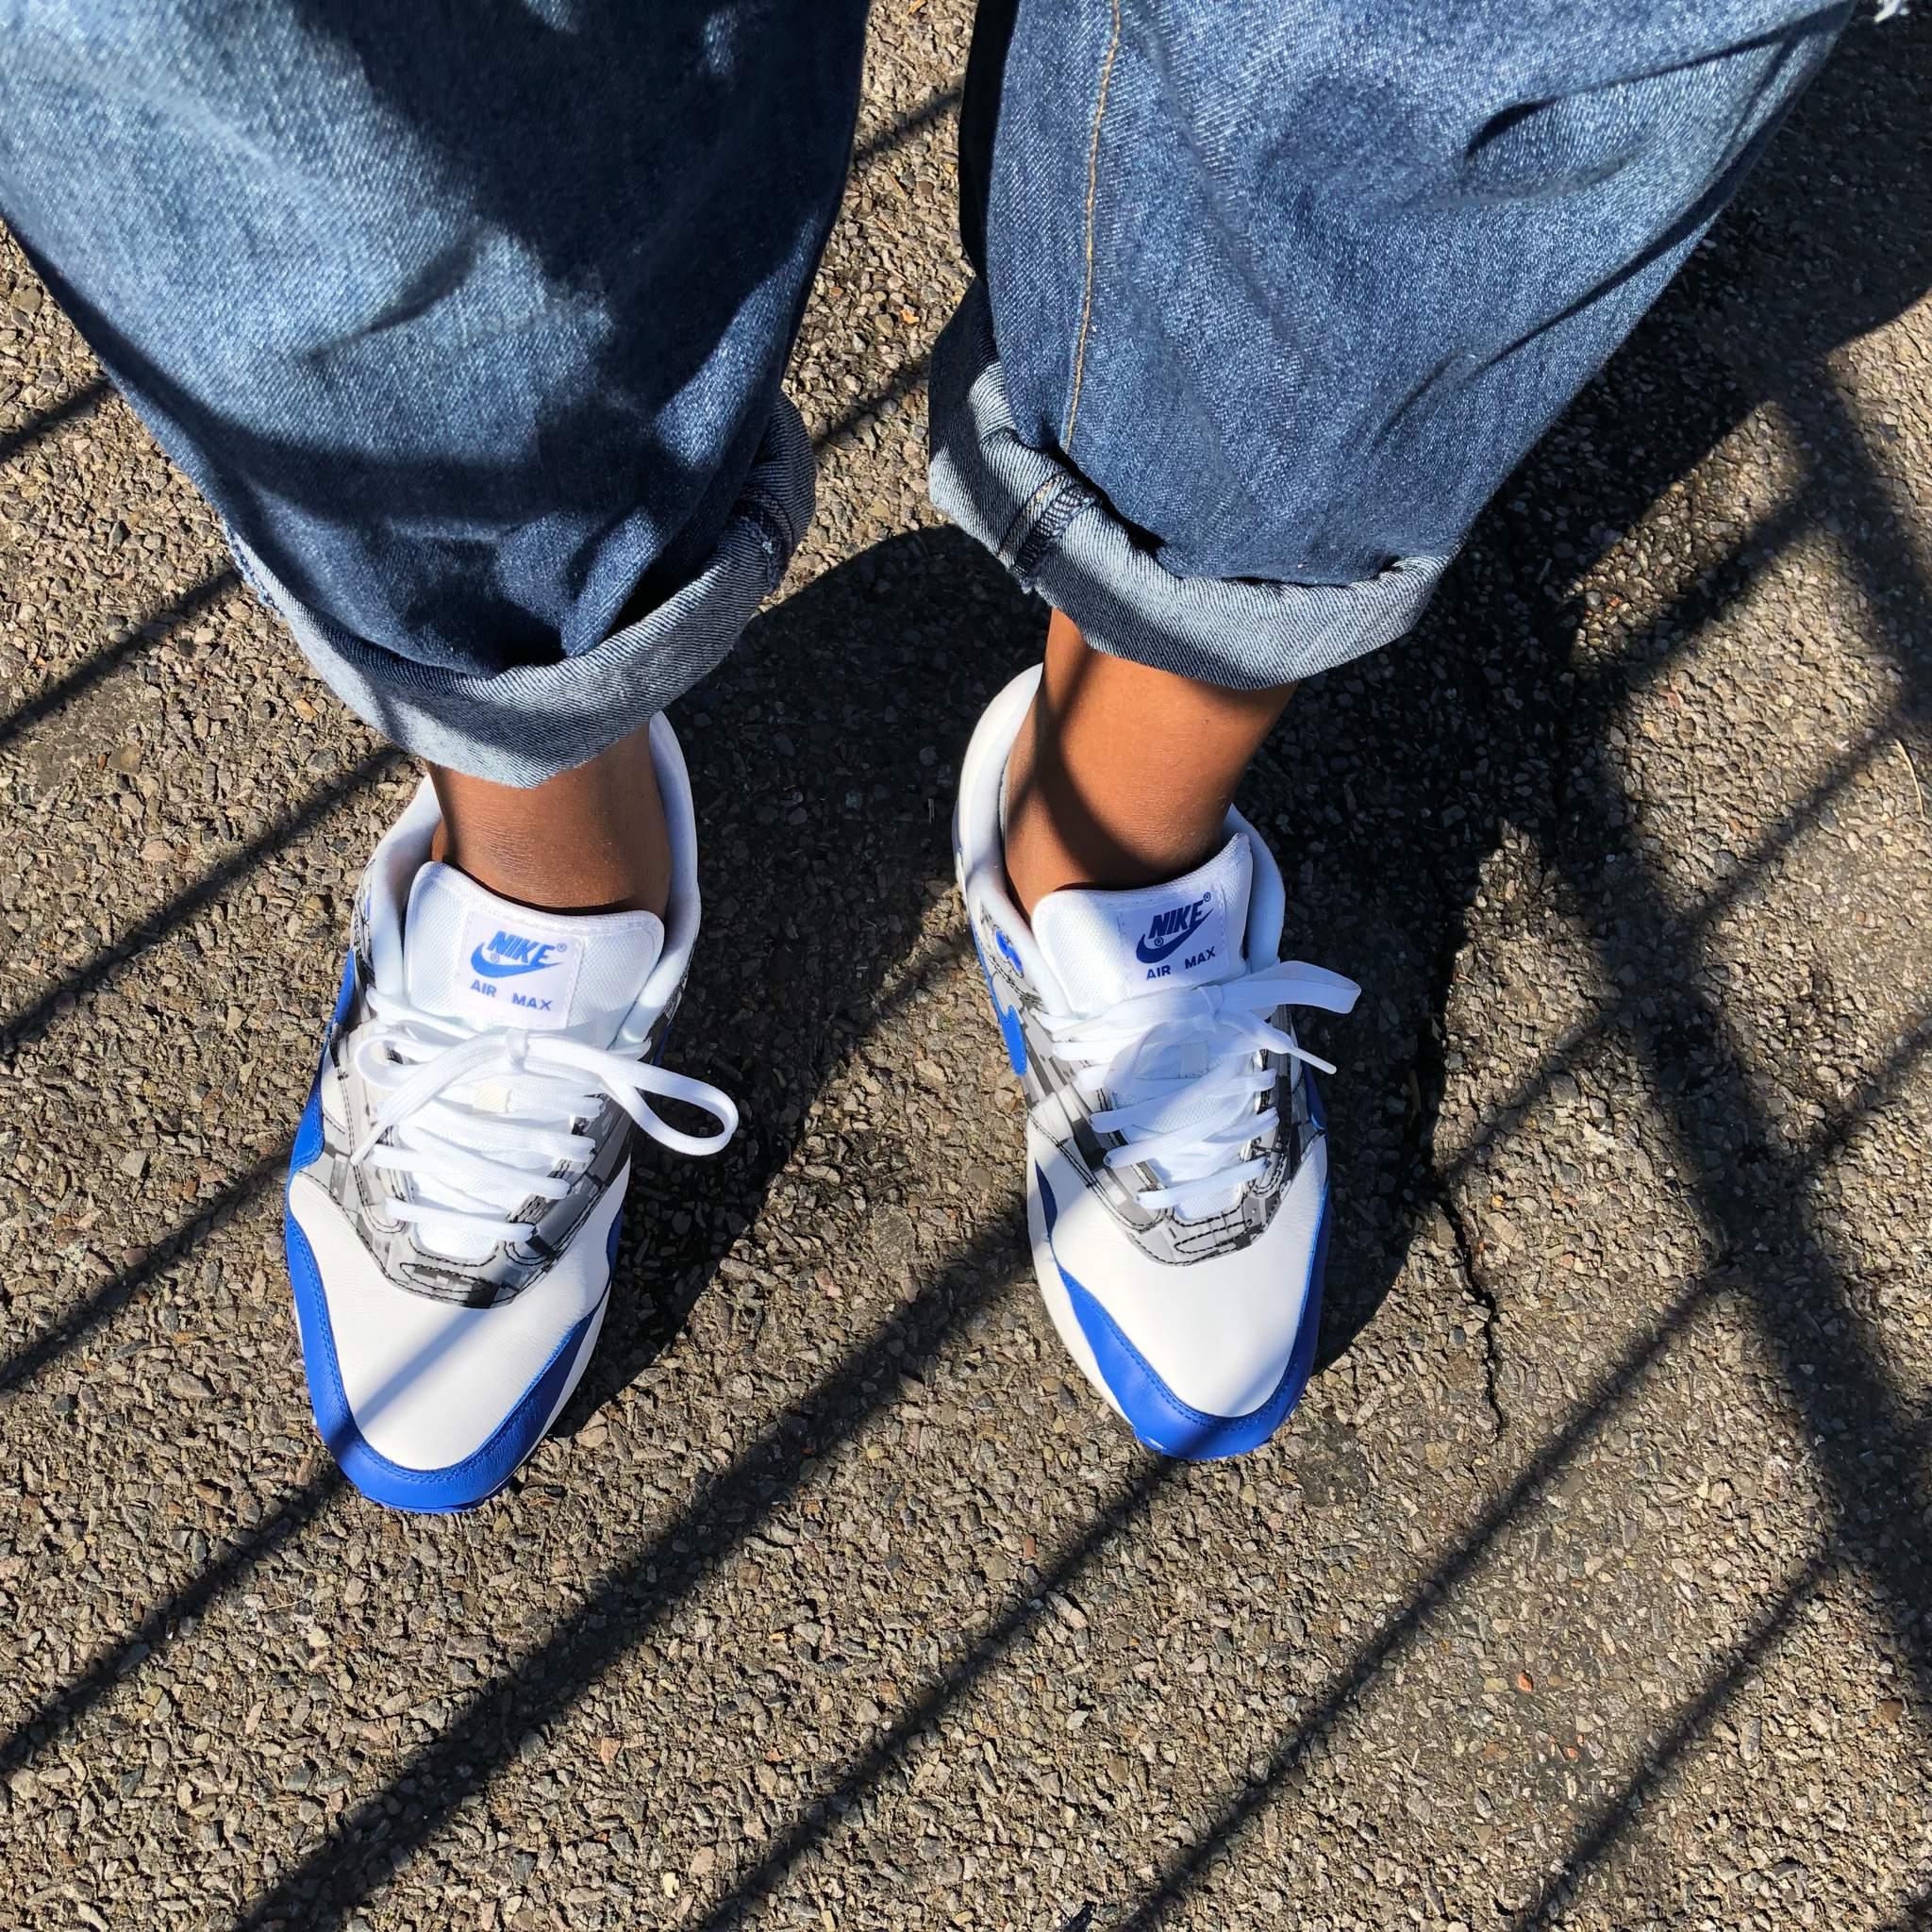 timeless design abc36 9a42d Atmos x Nike Air Max 1.... 'We Love Nike' Box Print pack #SneakerOG ...